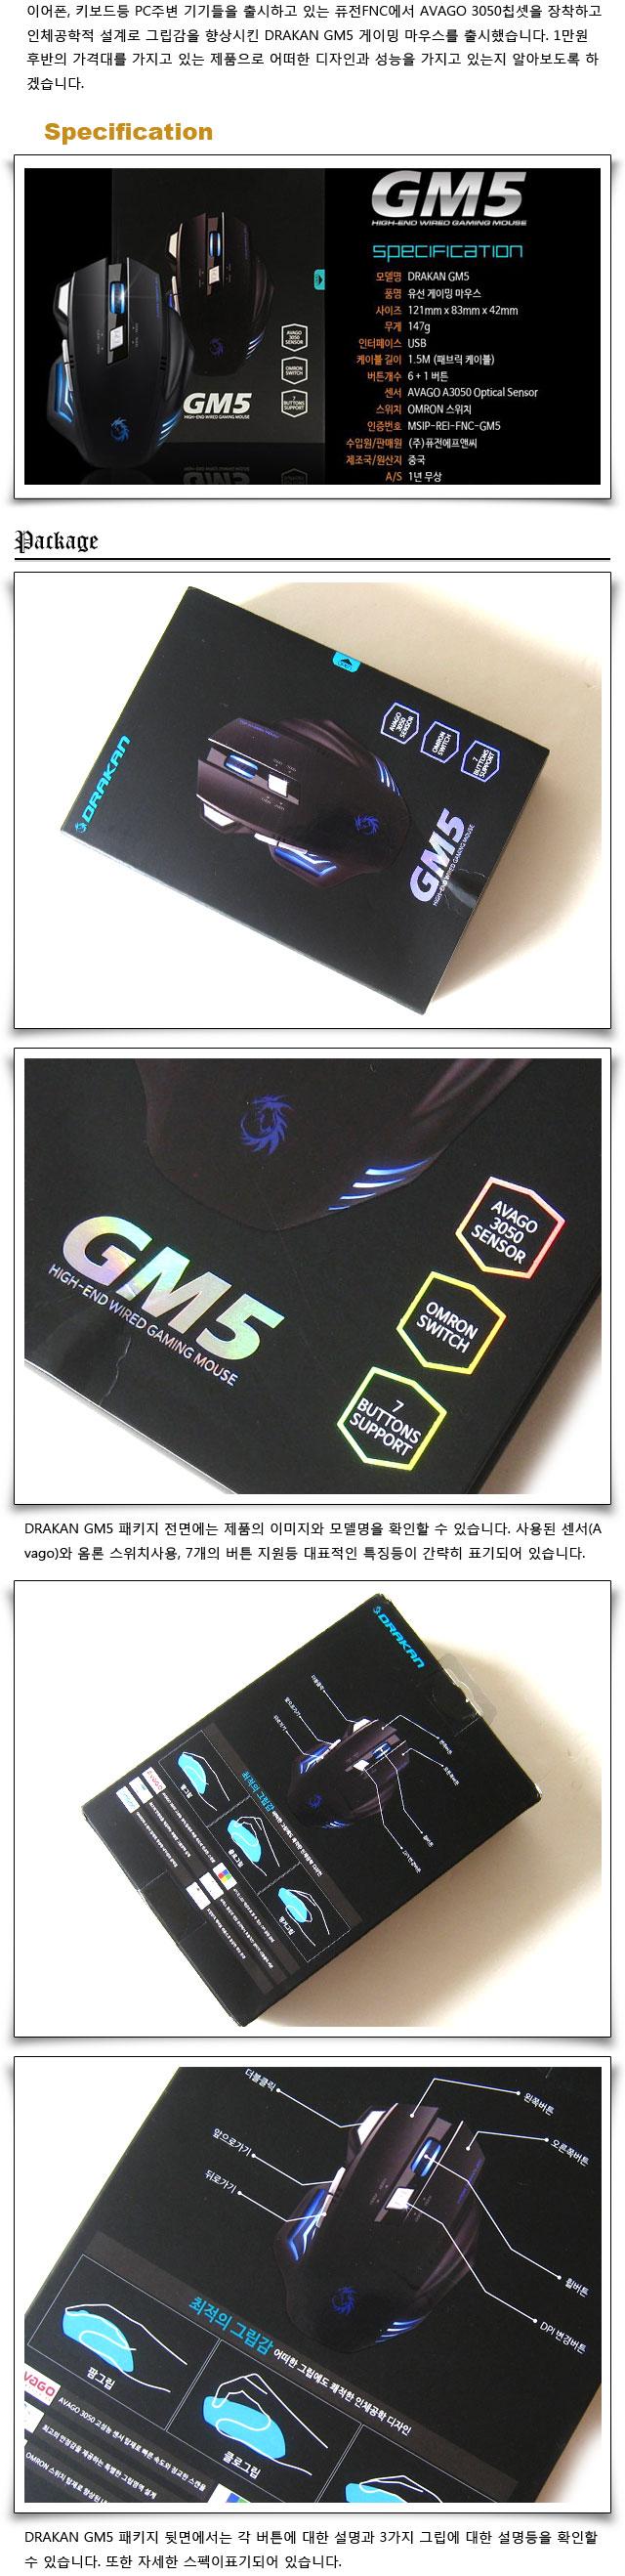 GM5_02.jpg